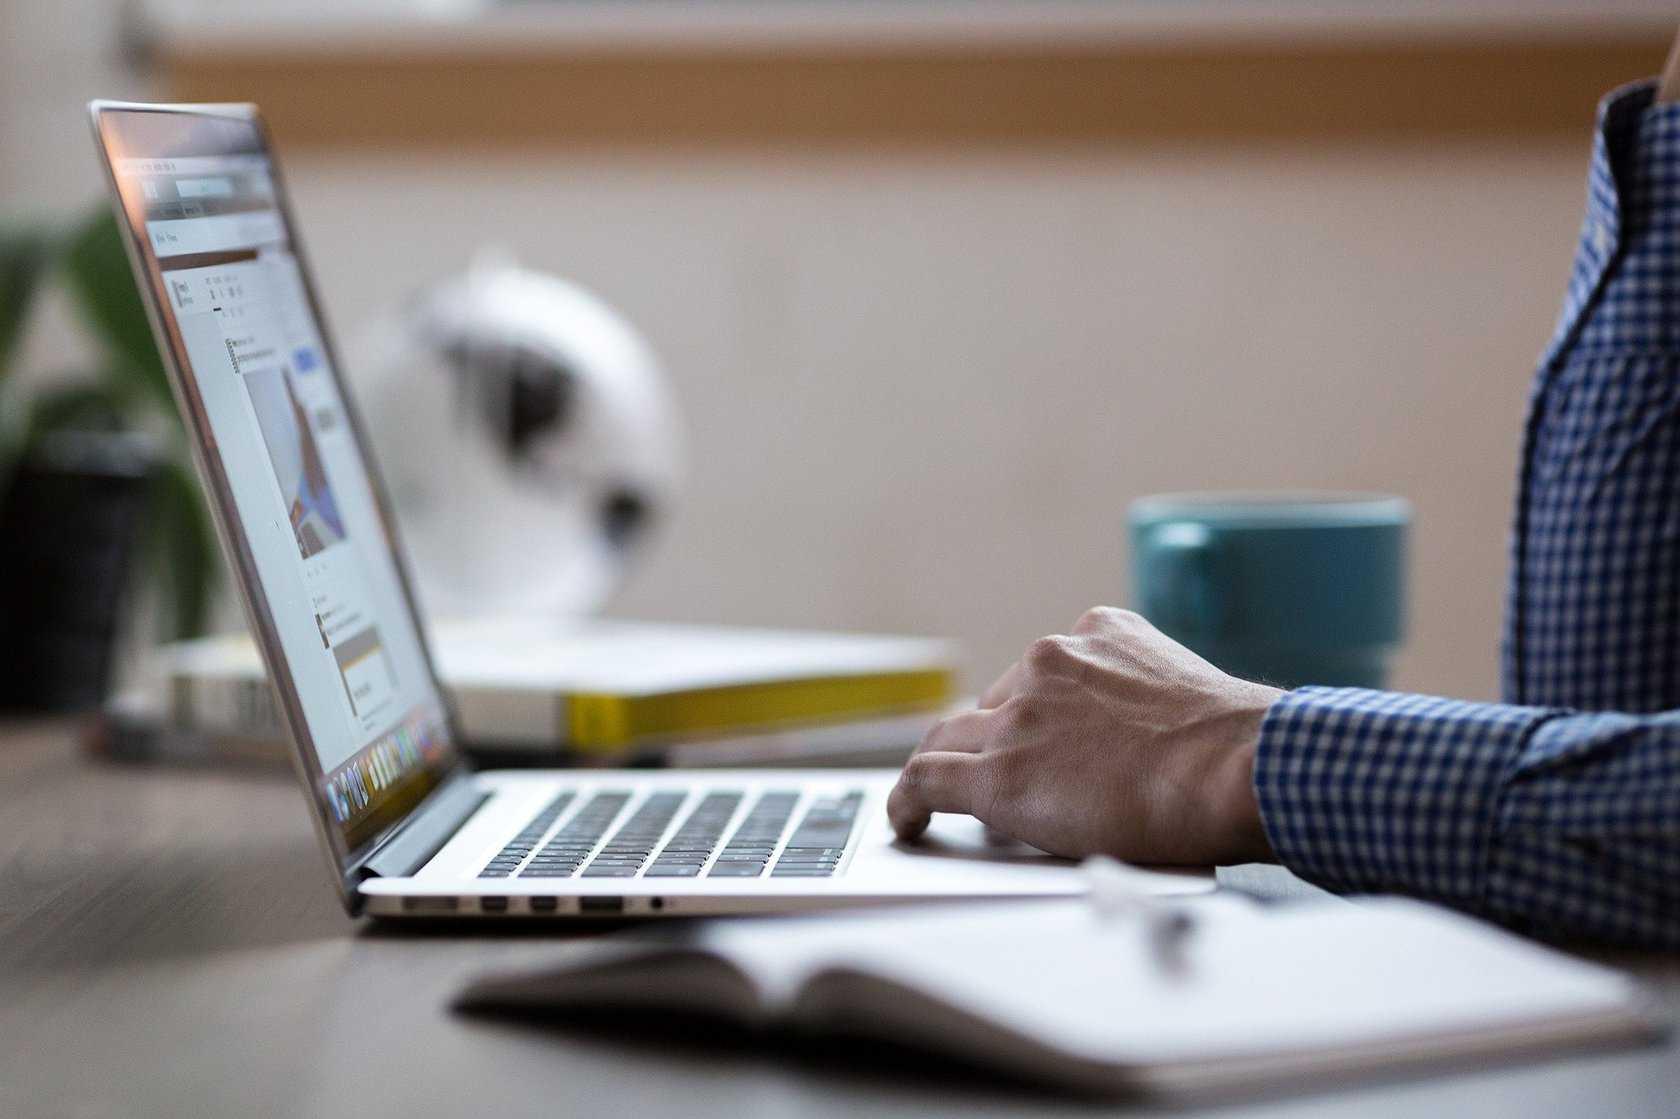 Какие виды работ входят в тех поддержку сайта? — Хабр Q&A